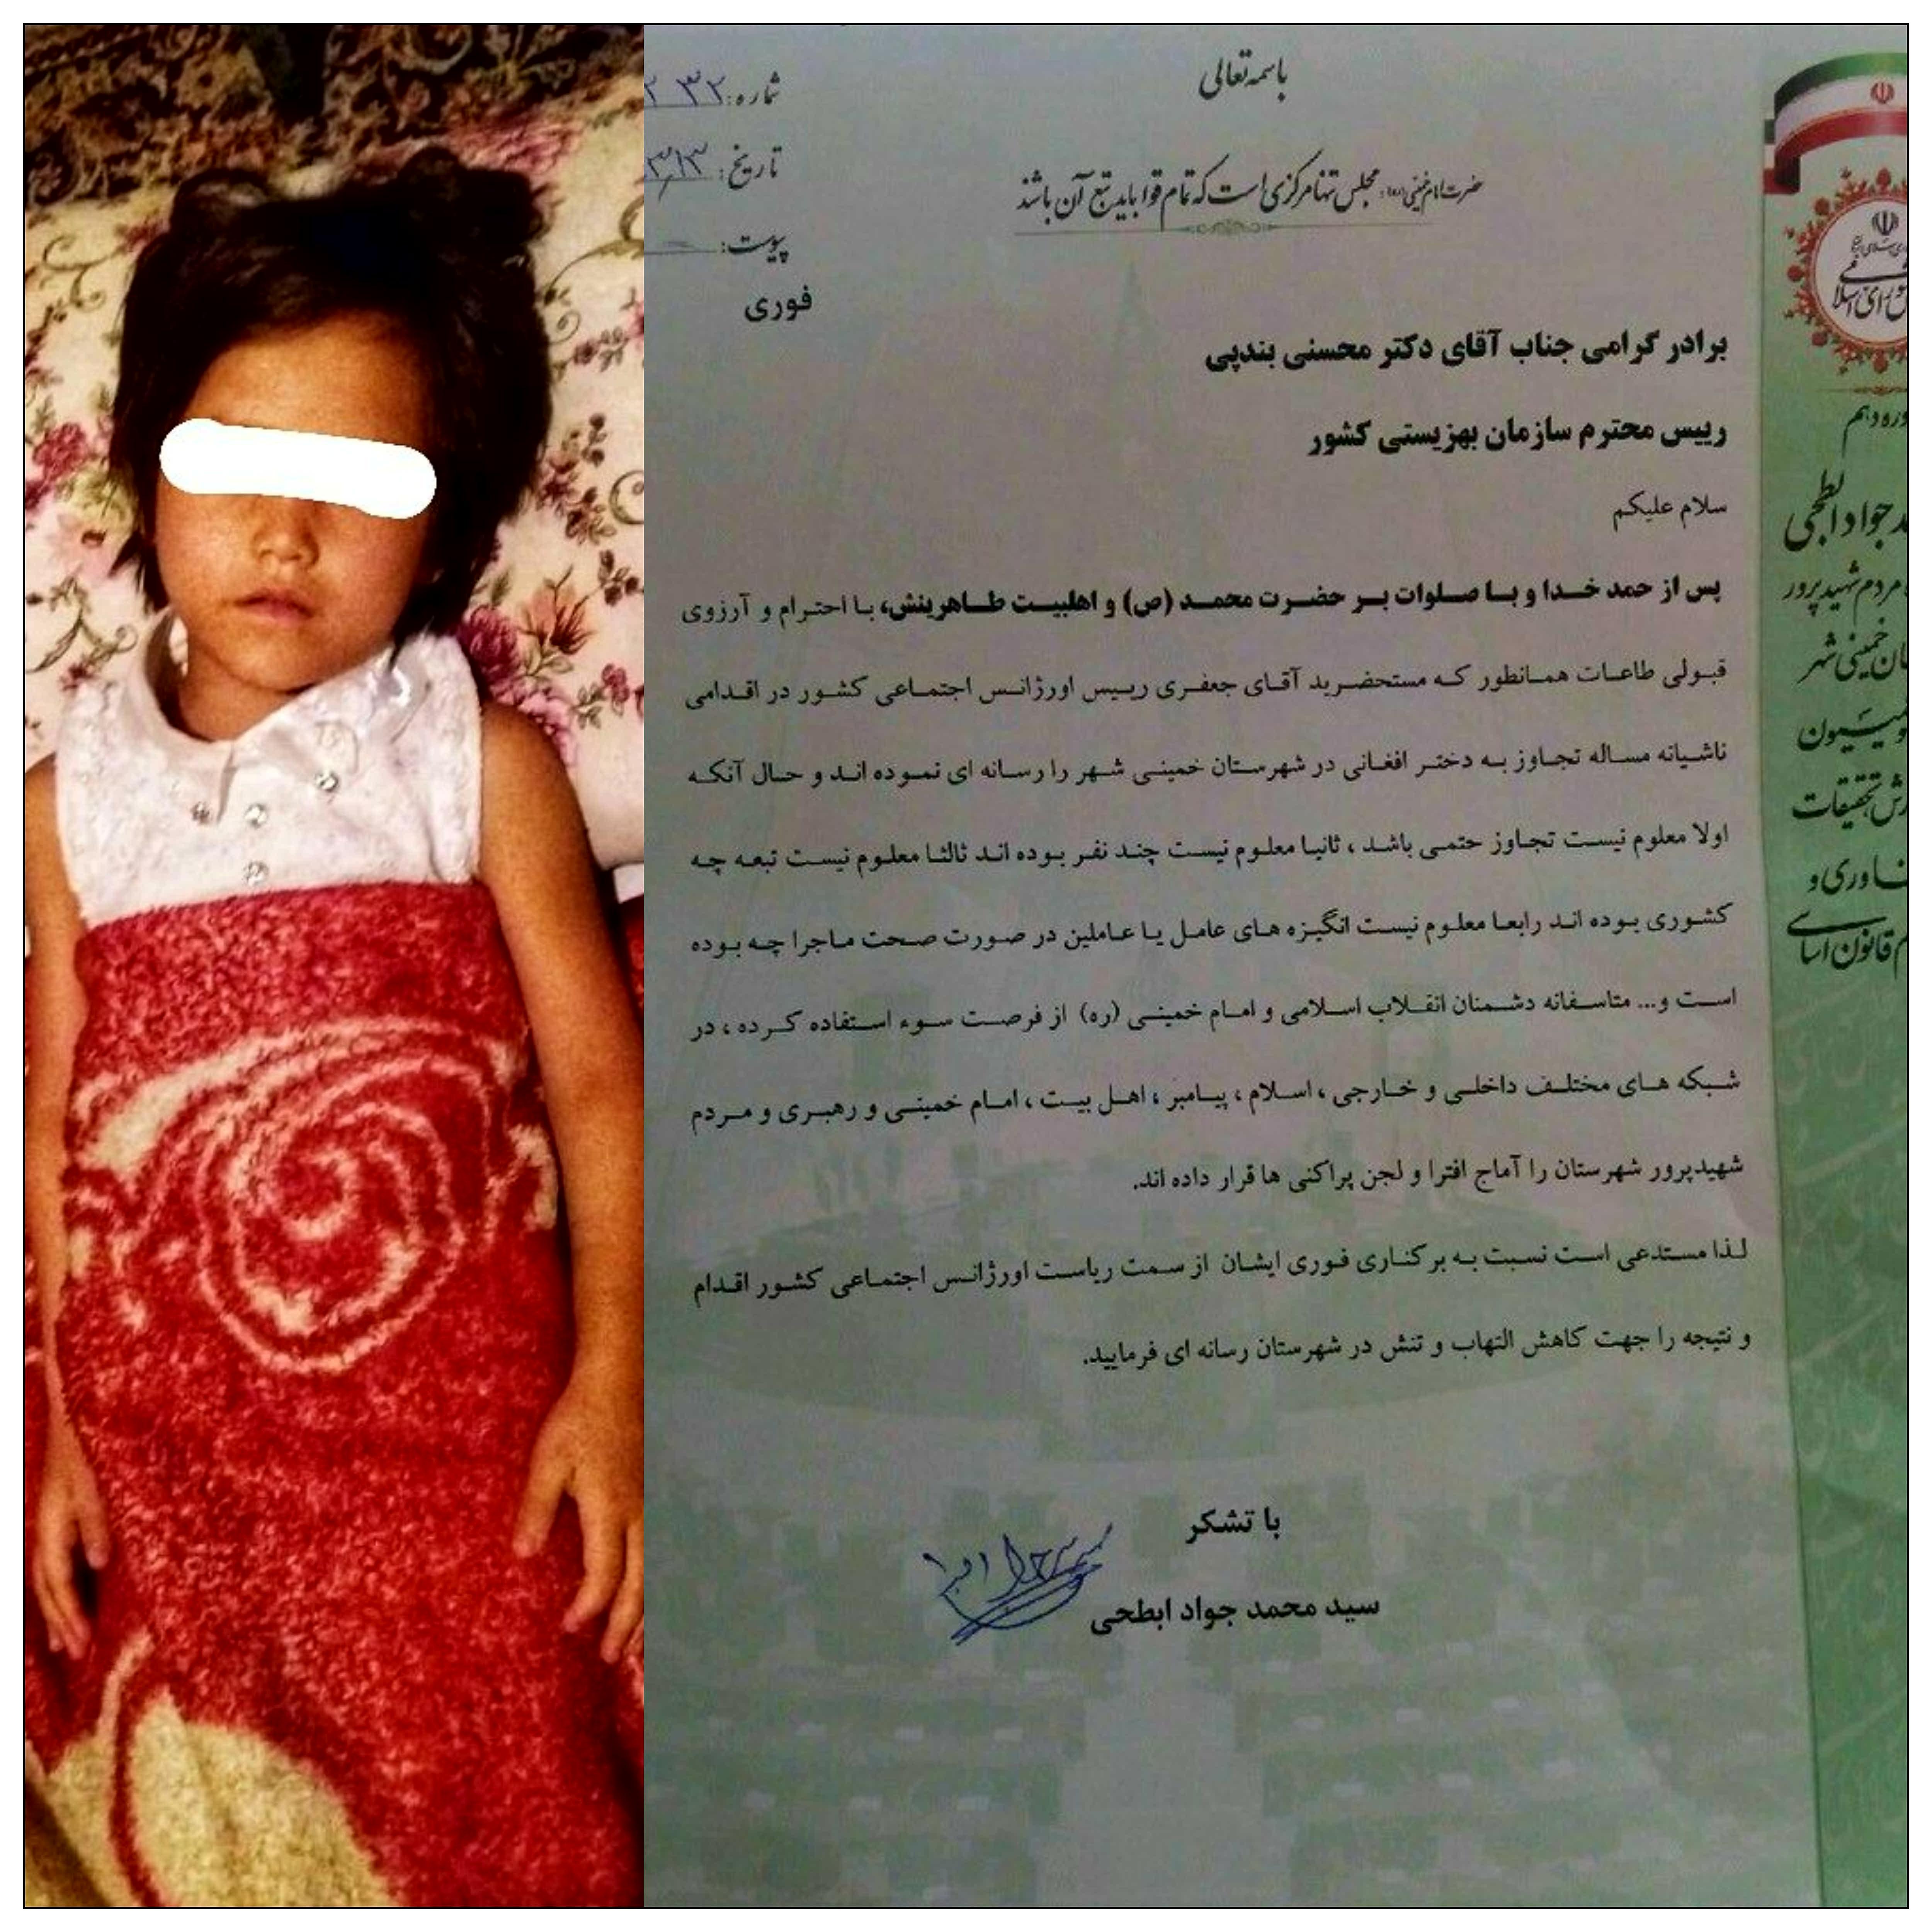 نامه عجیب یک نماینده مجلس بعد از افشای تجاوز به دختر افغان در خمینیشهر +واکنشها